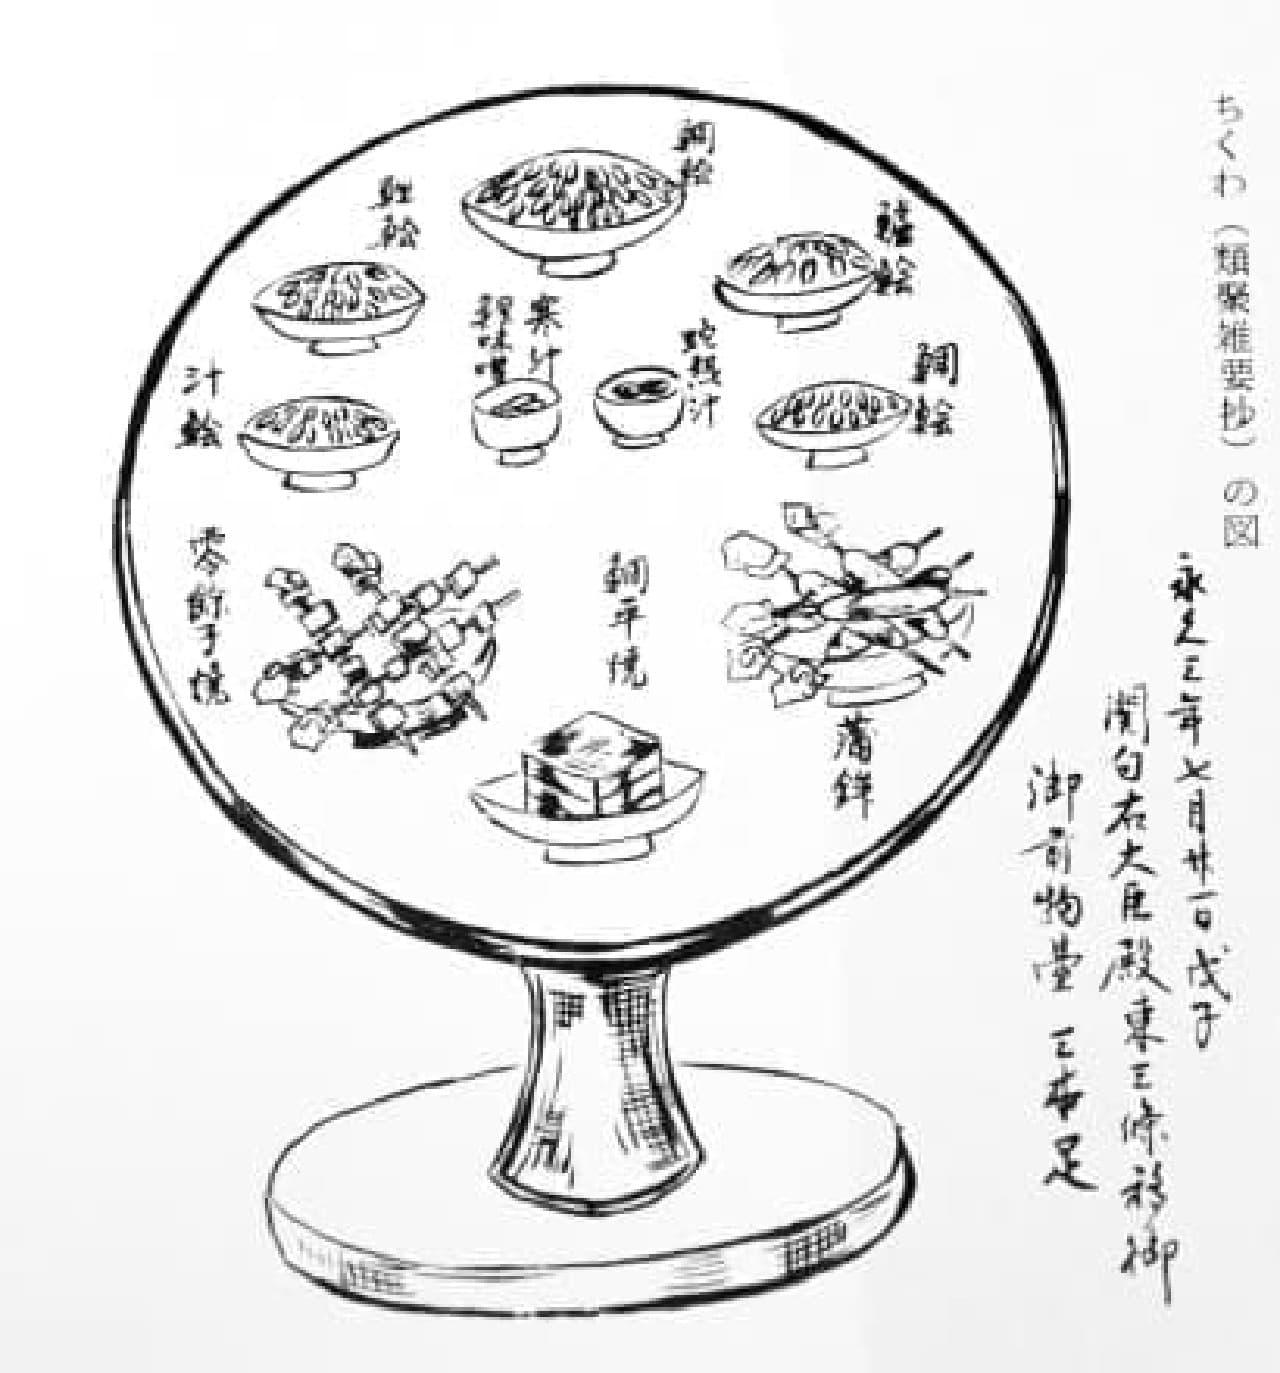 右下あたりに「蒲鉾」の文字が見える  (『類聚雑要抄』より)